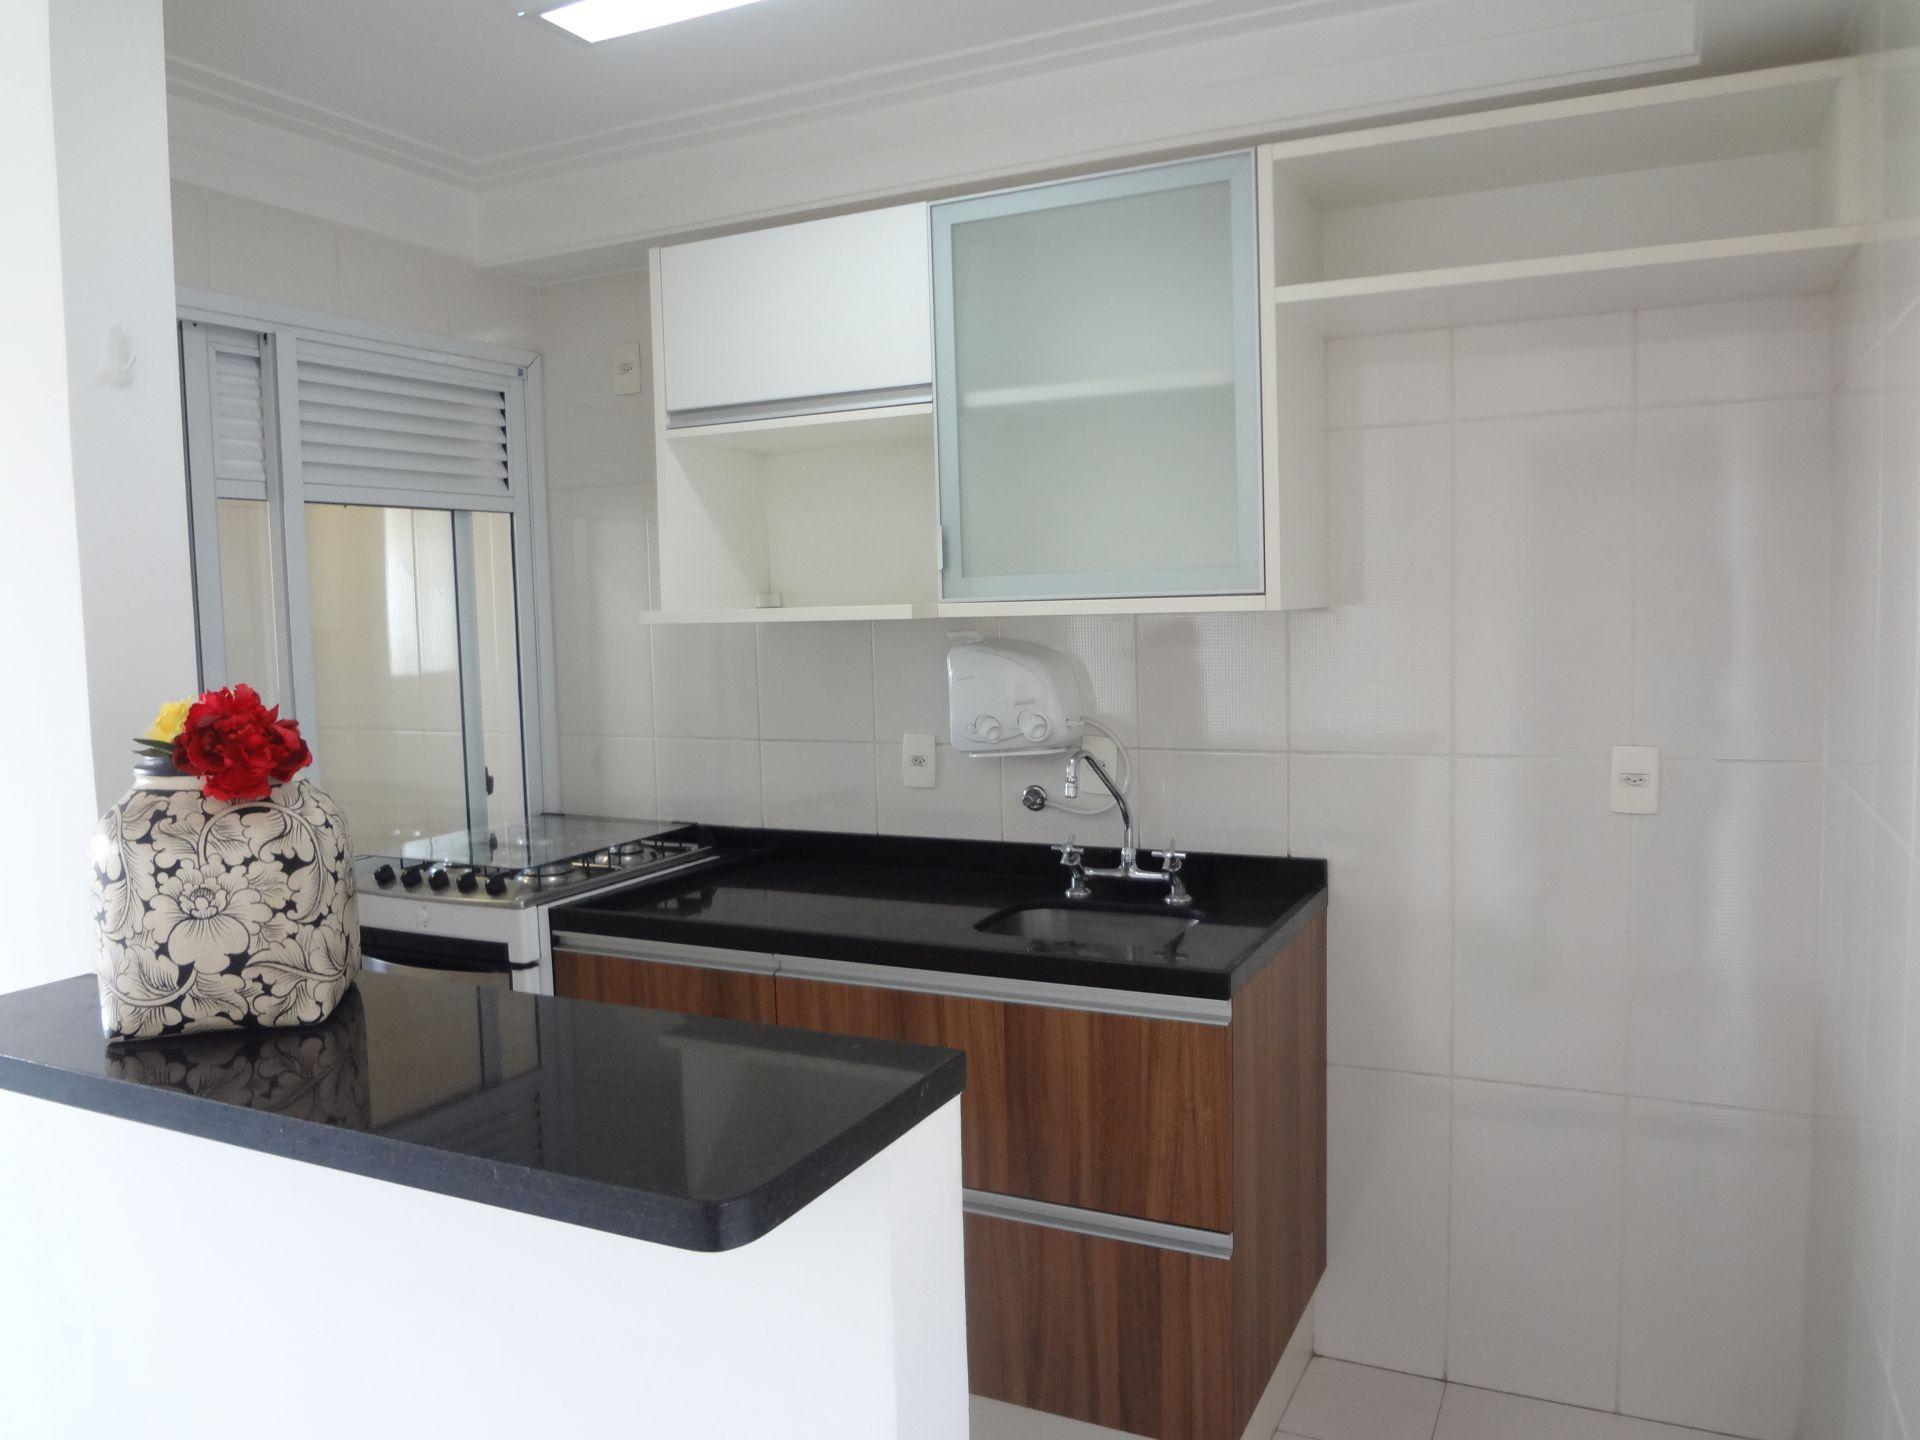 Apartamento Barra Funda,São Paulo,SP Para Alugar,2 Quartos,55m² - LOCACAO0017 - 7